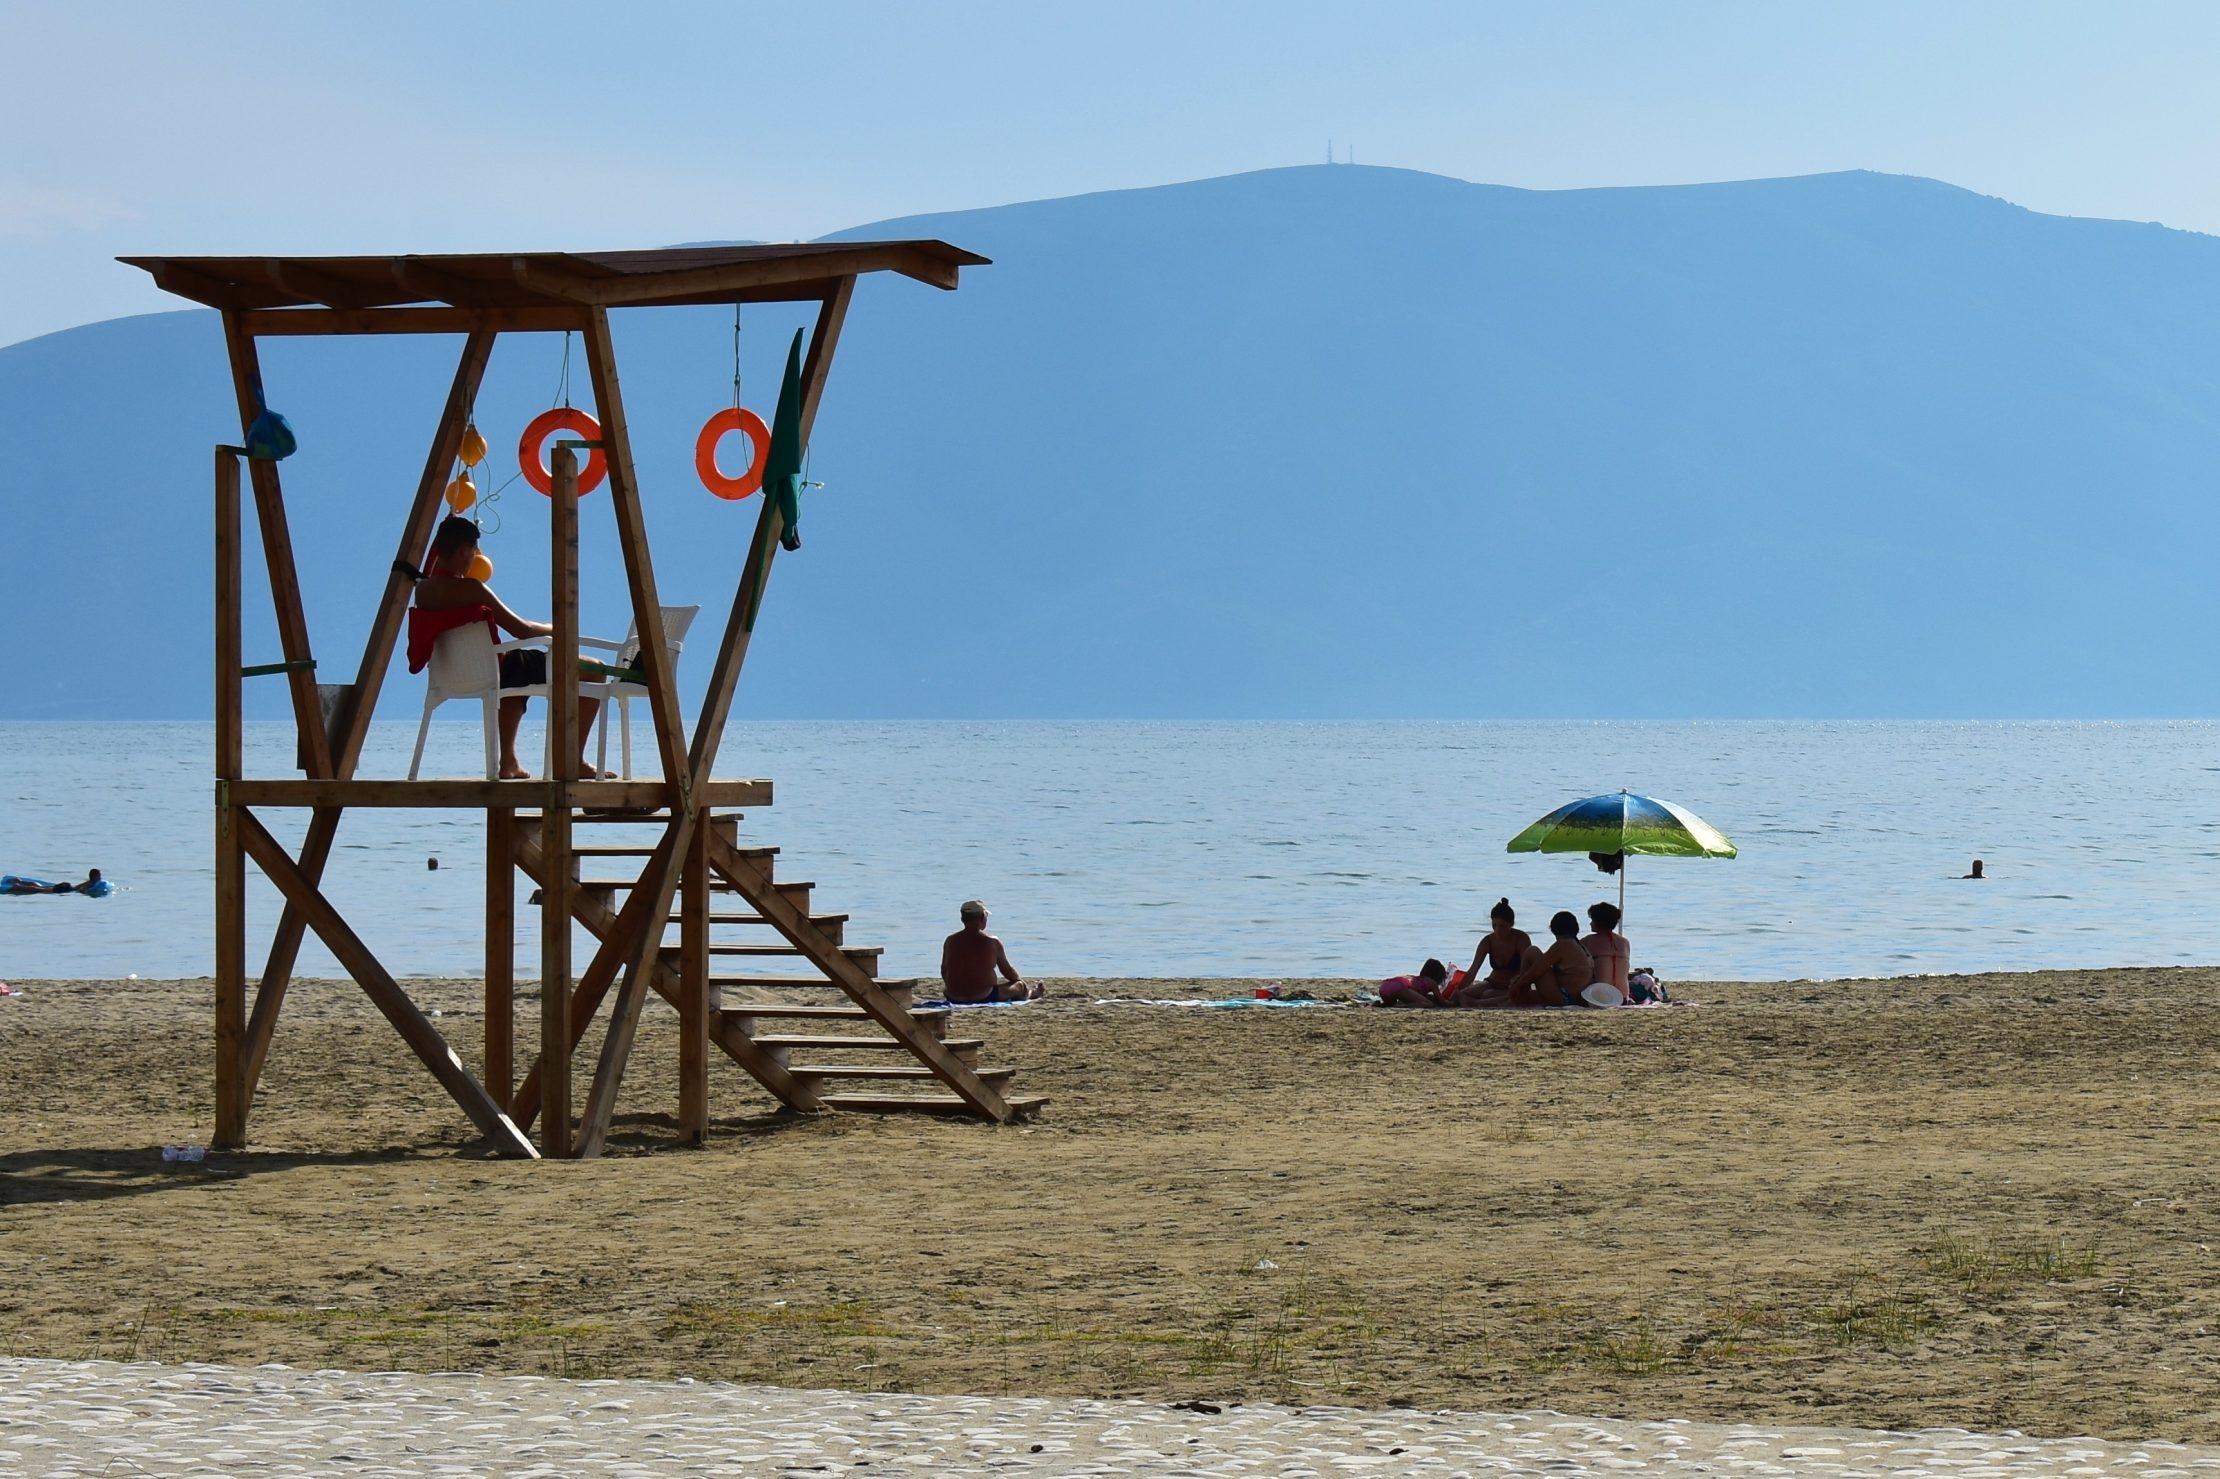 Lifeguard in Vlorë, Albania